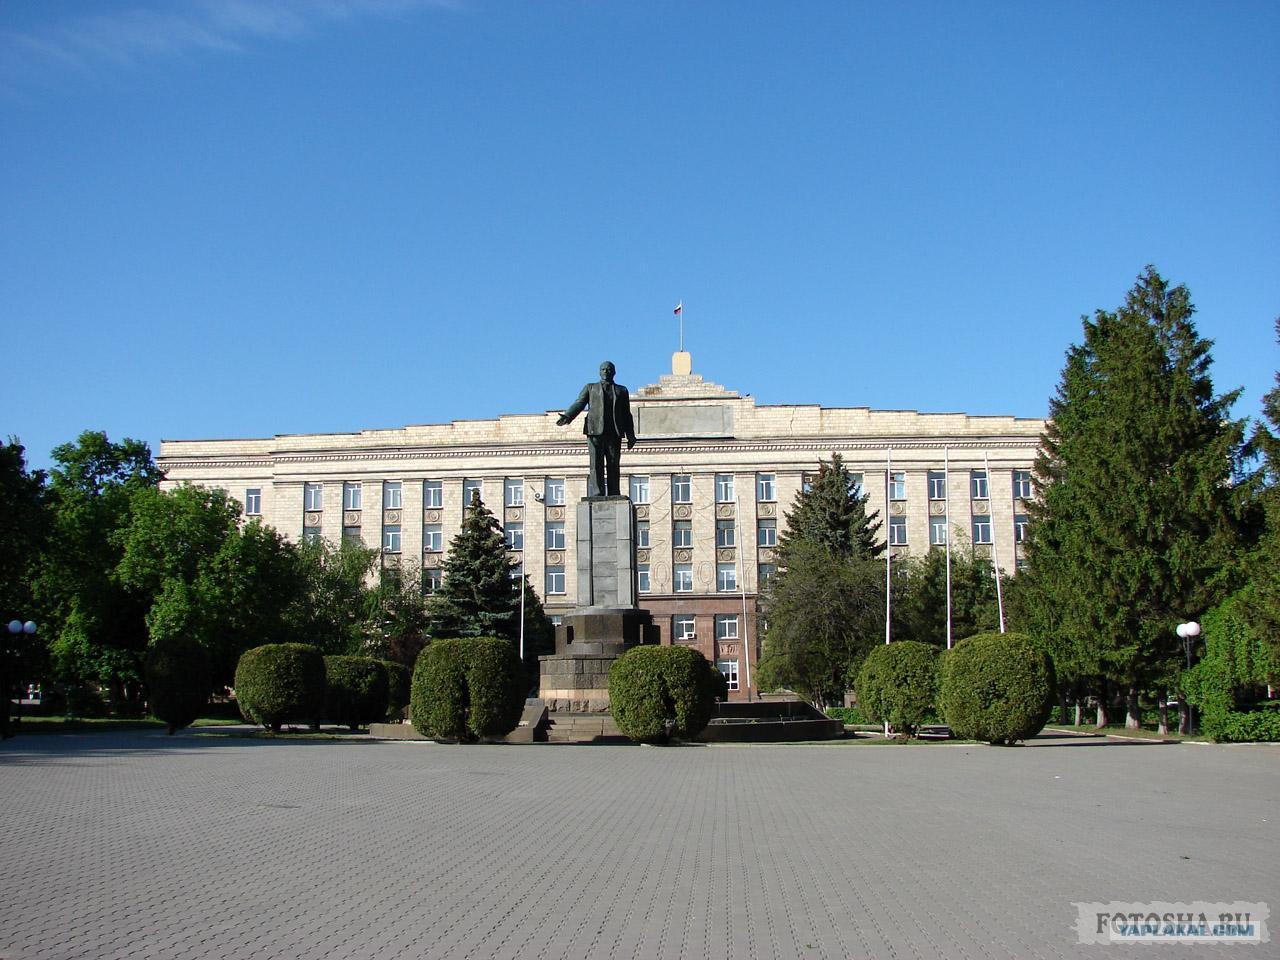 фотографии города шахты ростовской области ребятами